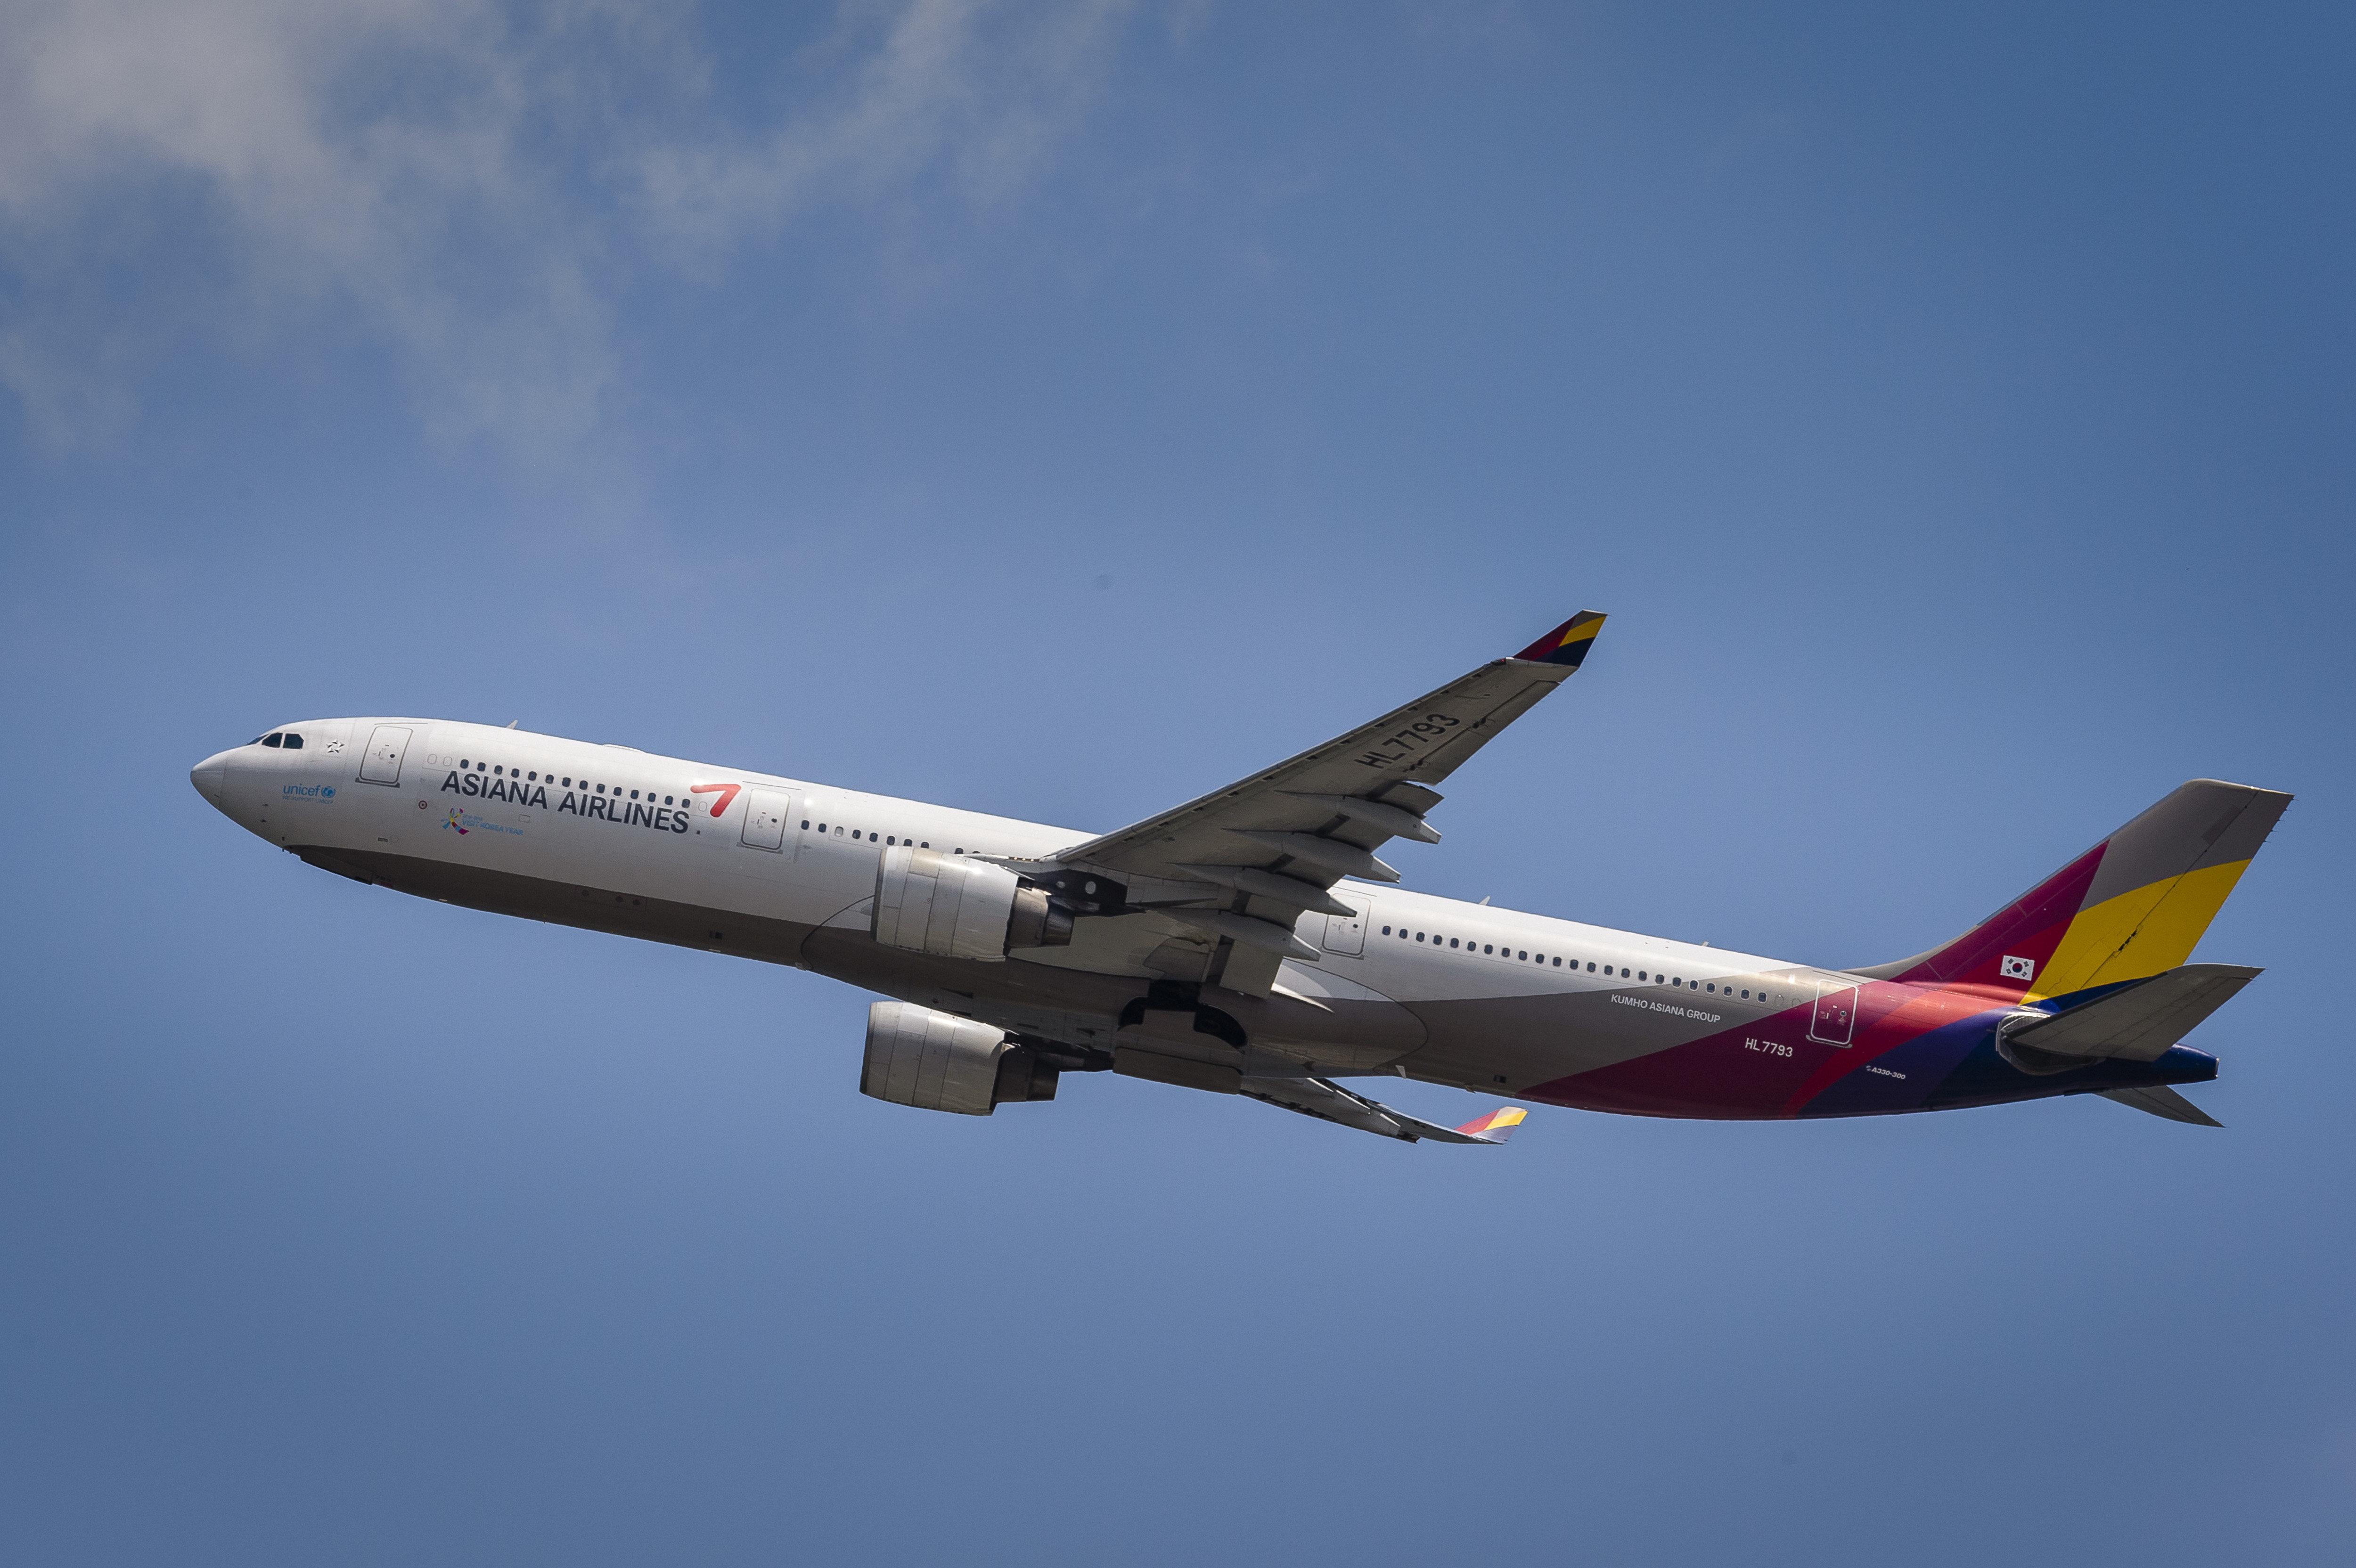 턱수염 기른 기장 징계한 아시아나항공에 대한 법원의 최종